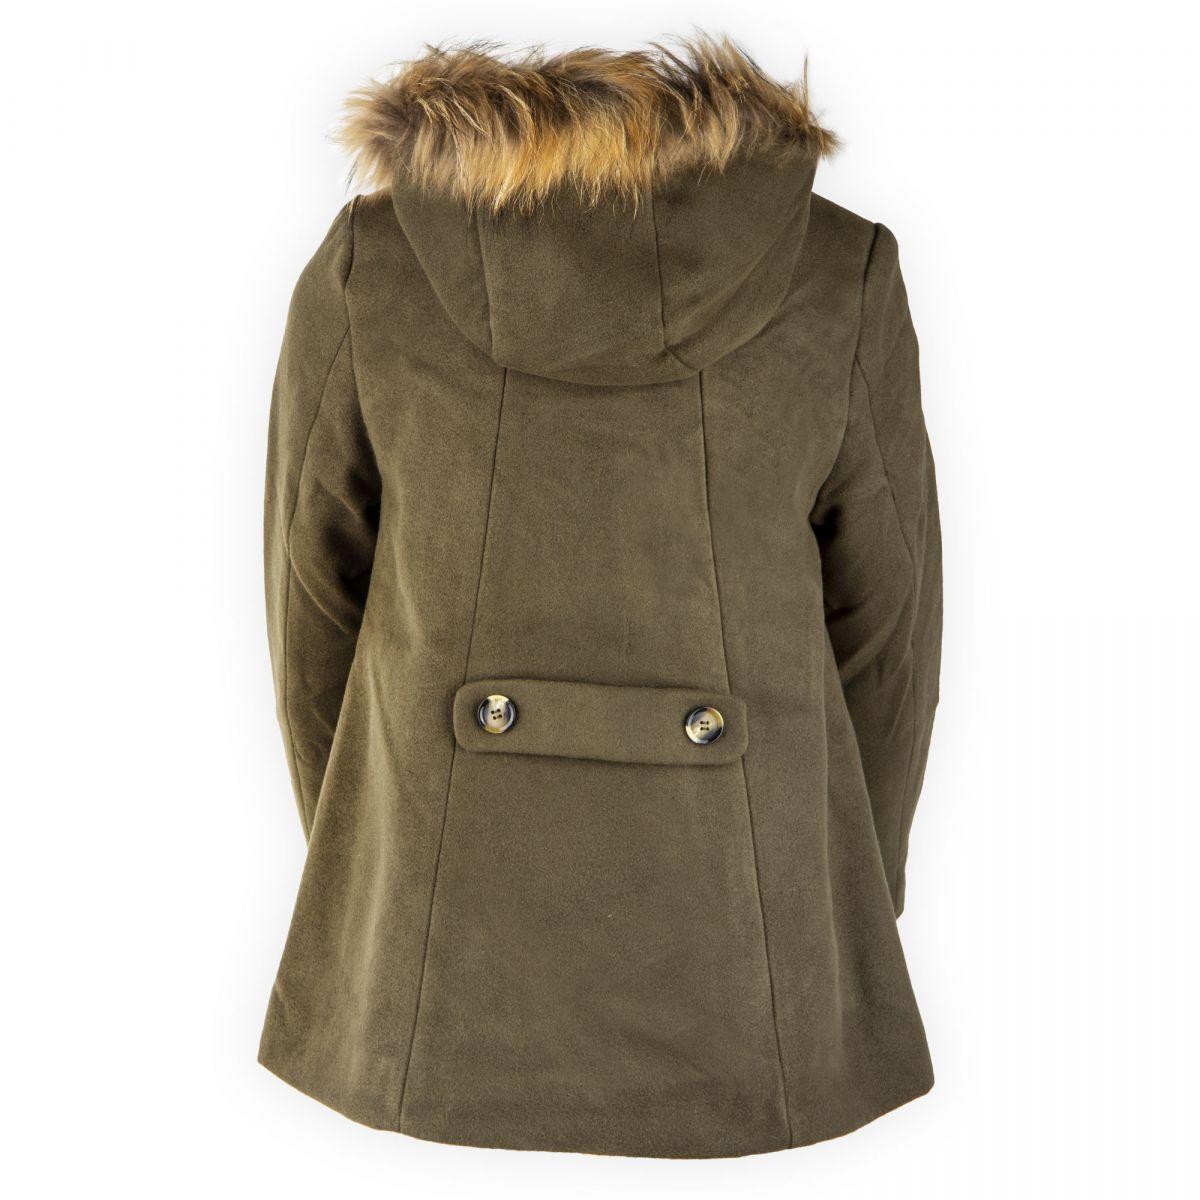 ad70cff455b4 Manteau capuche fourrée enfant BEST MOUNTAIN à prix dégriffé !